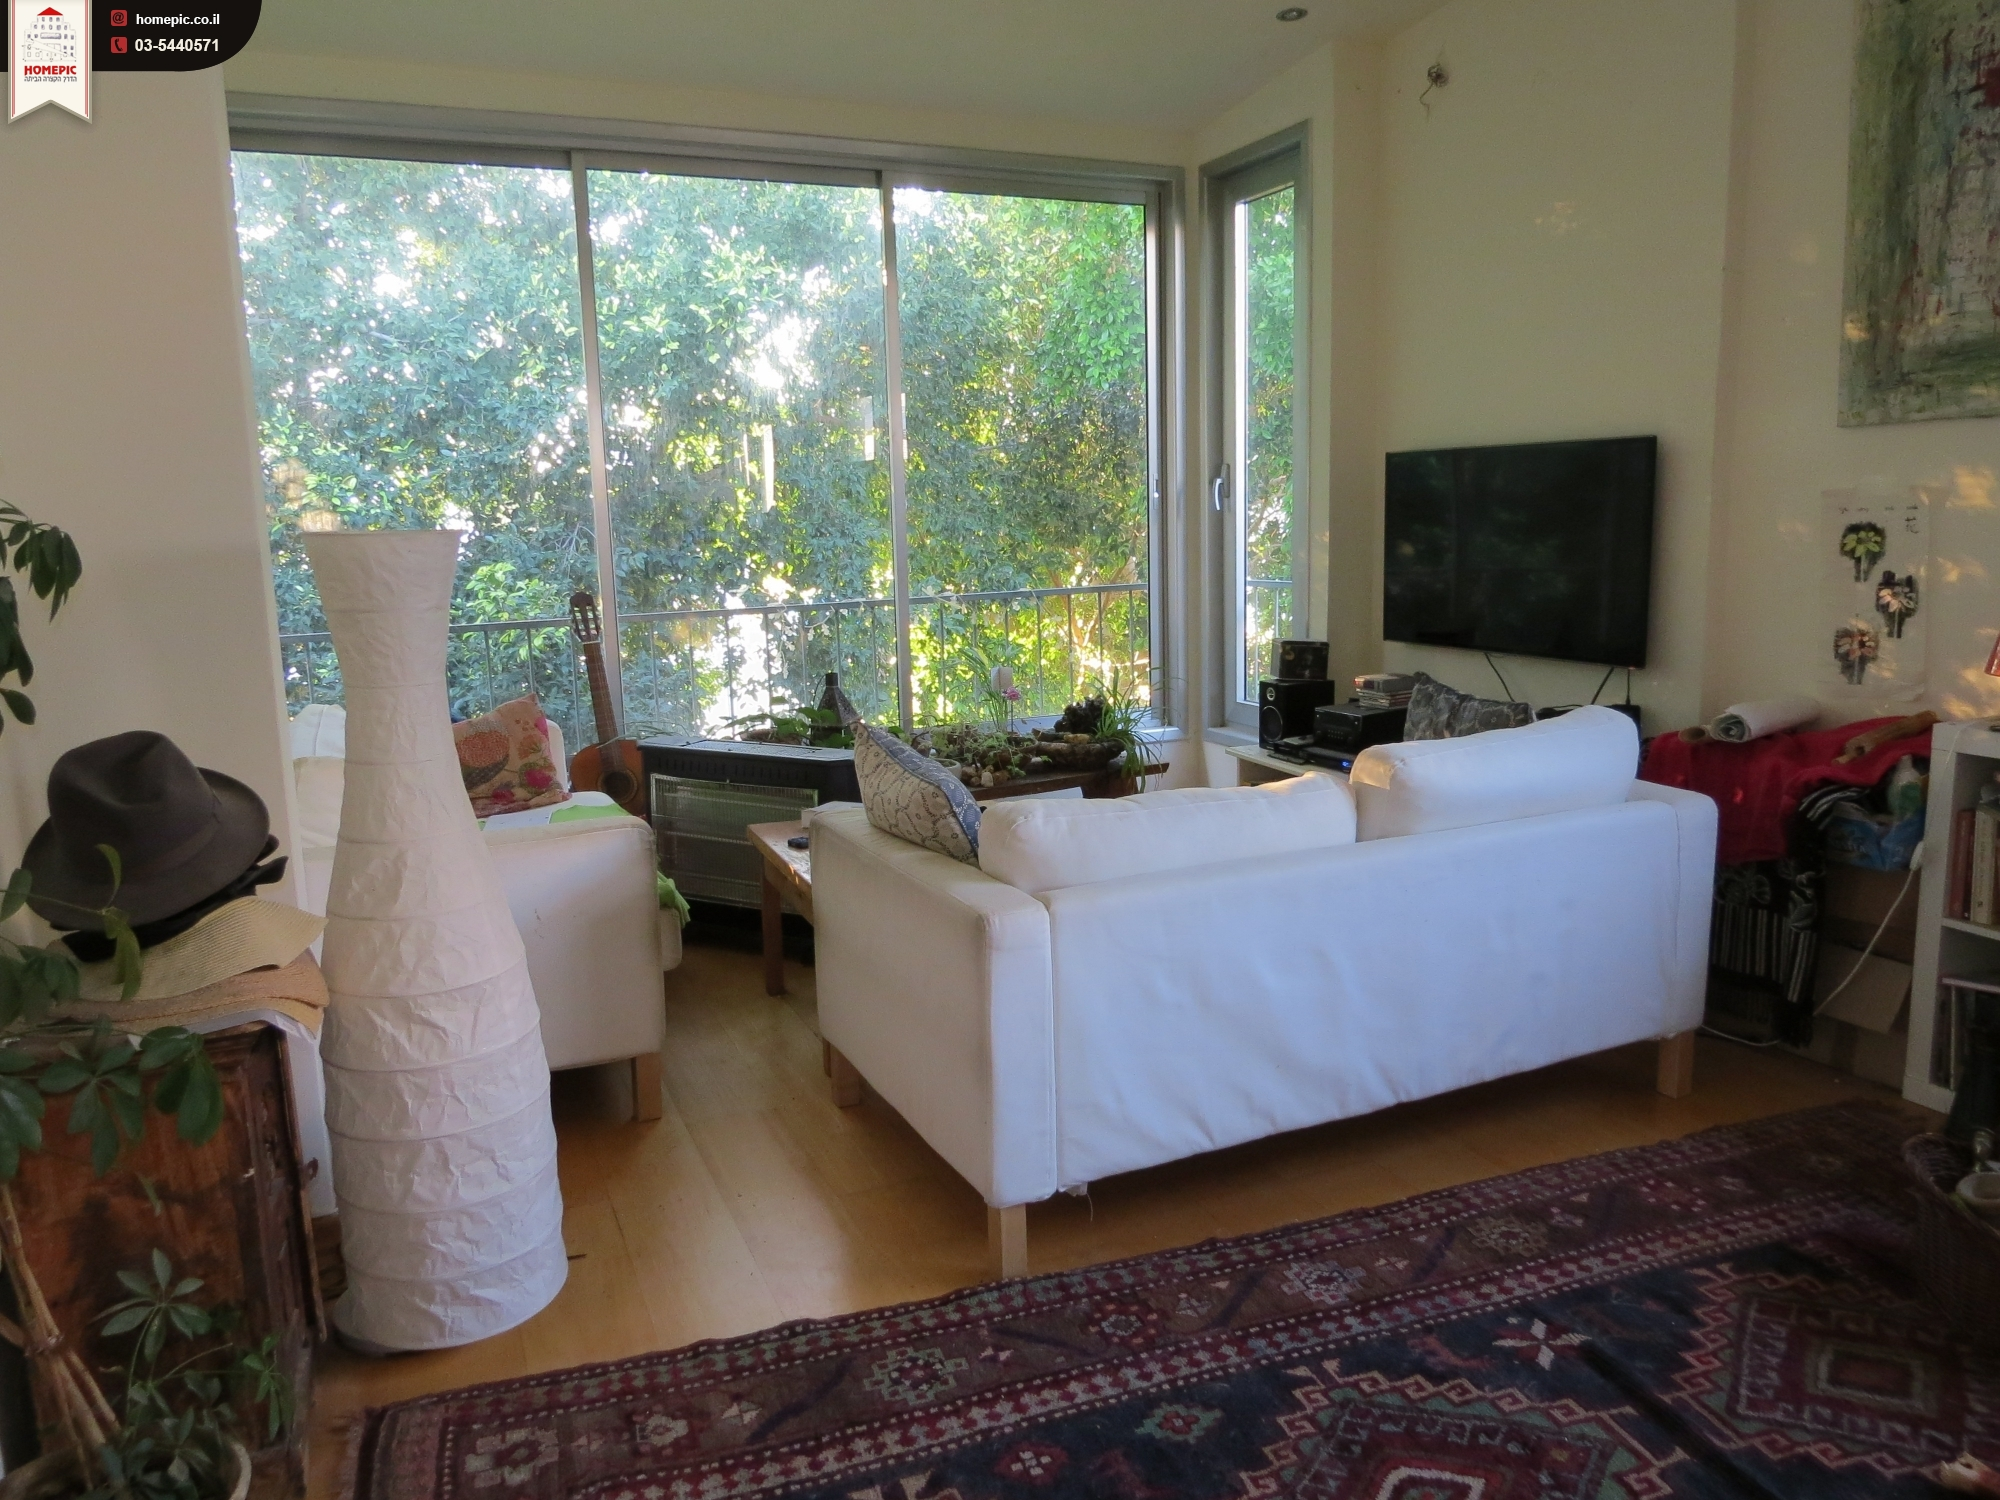 מצטיין דירת 4 חדרים בצפון הישן - Homepic HQ-24